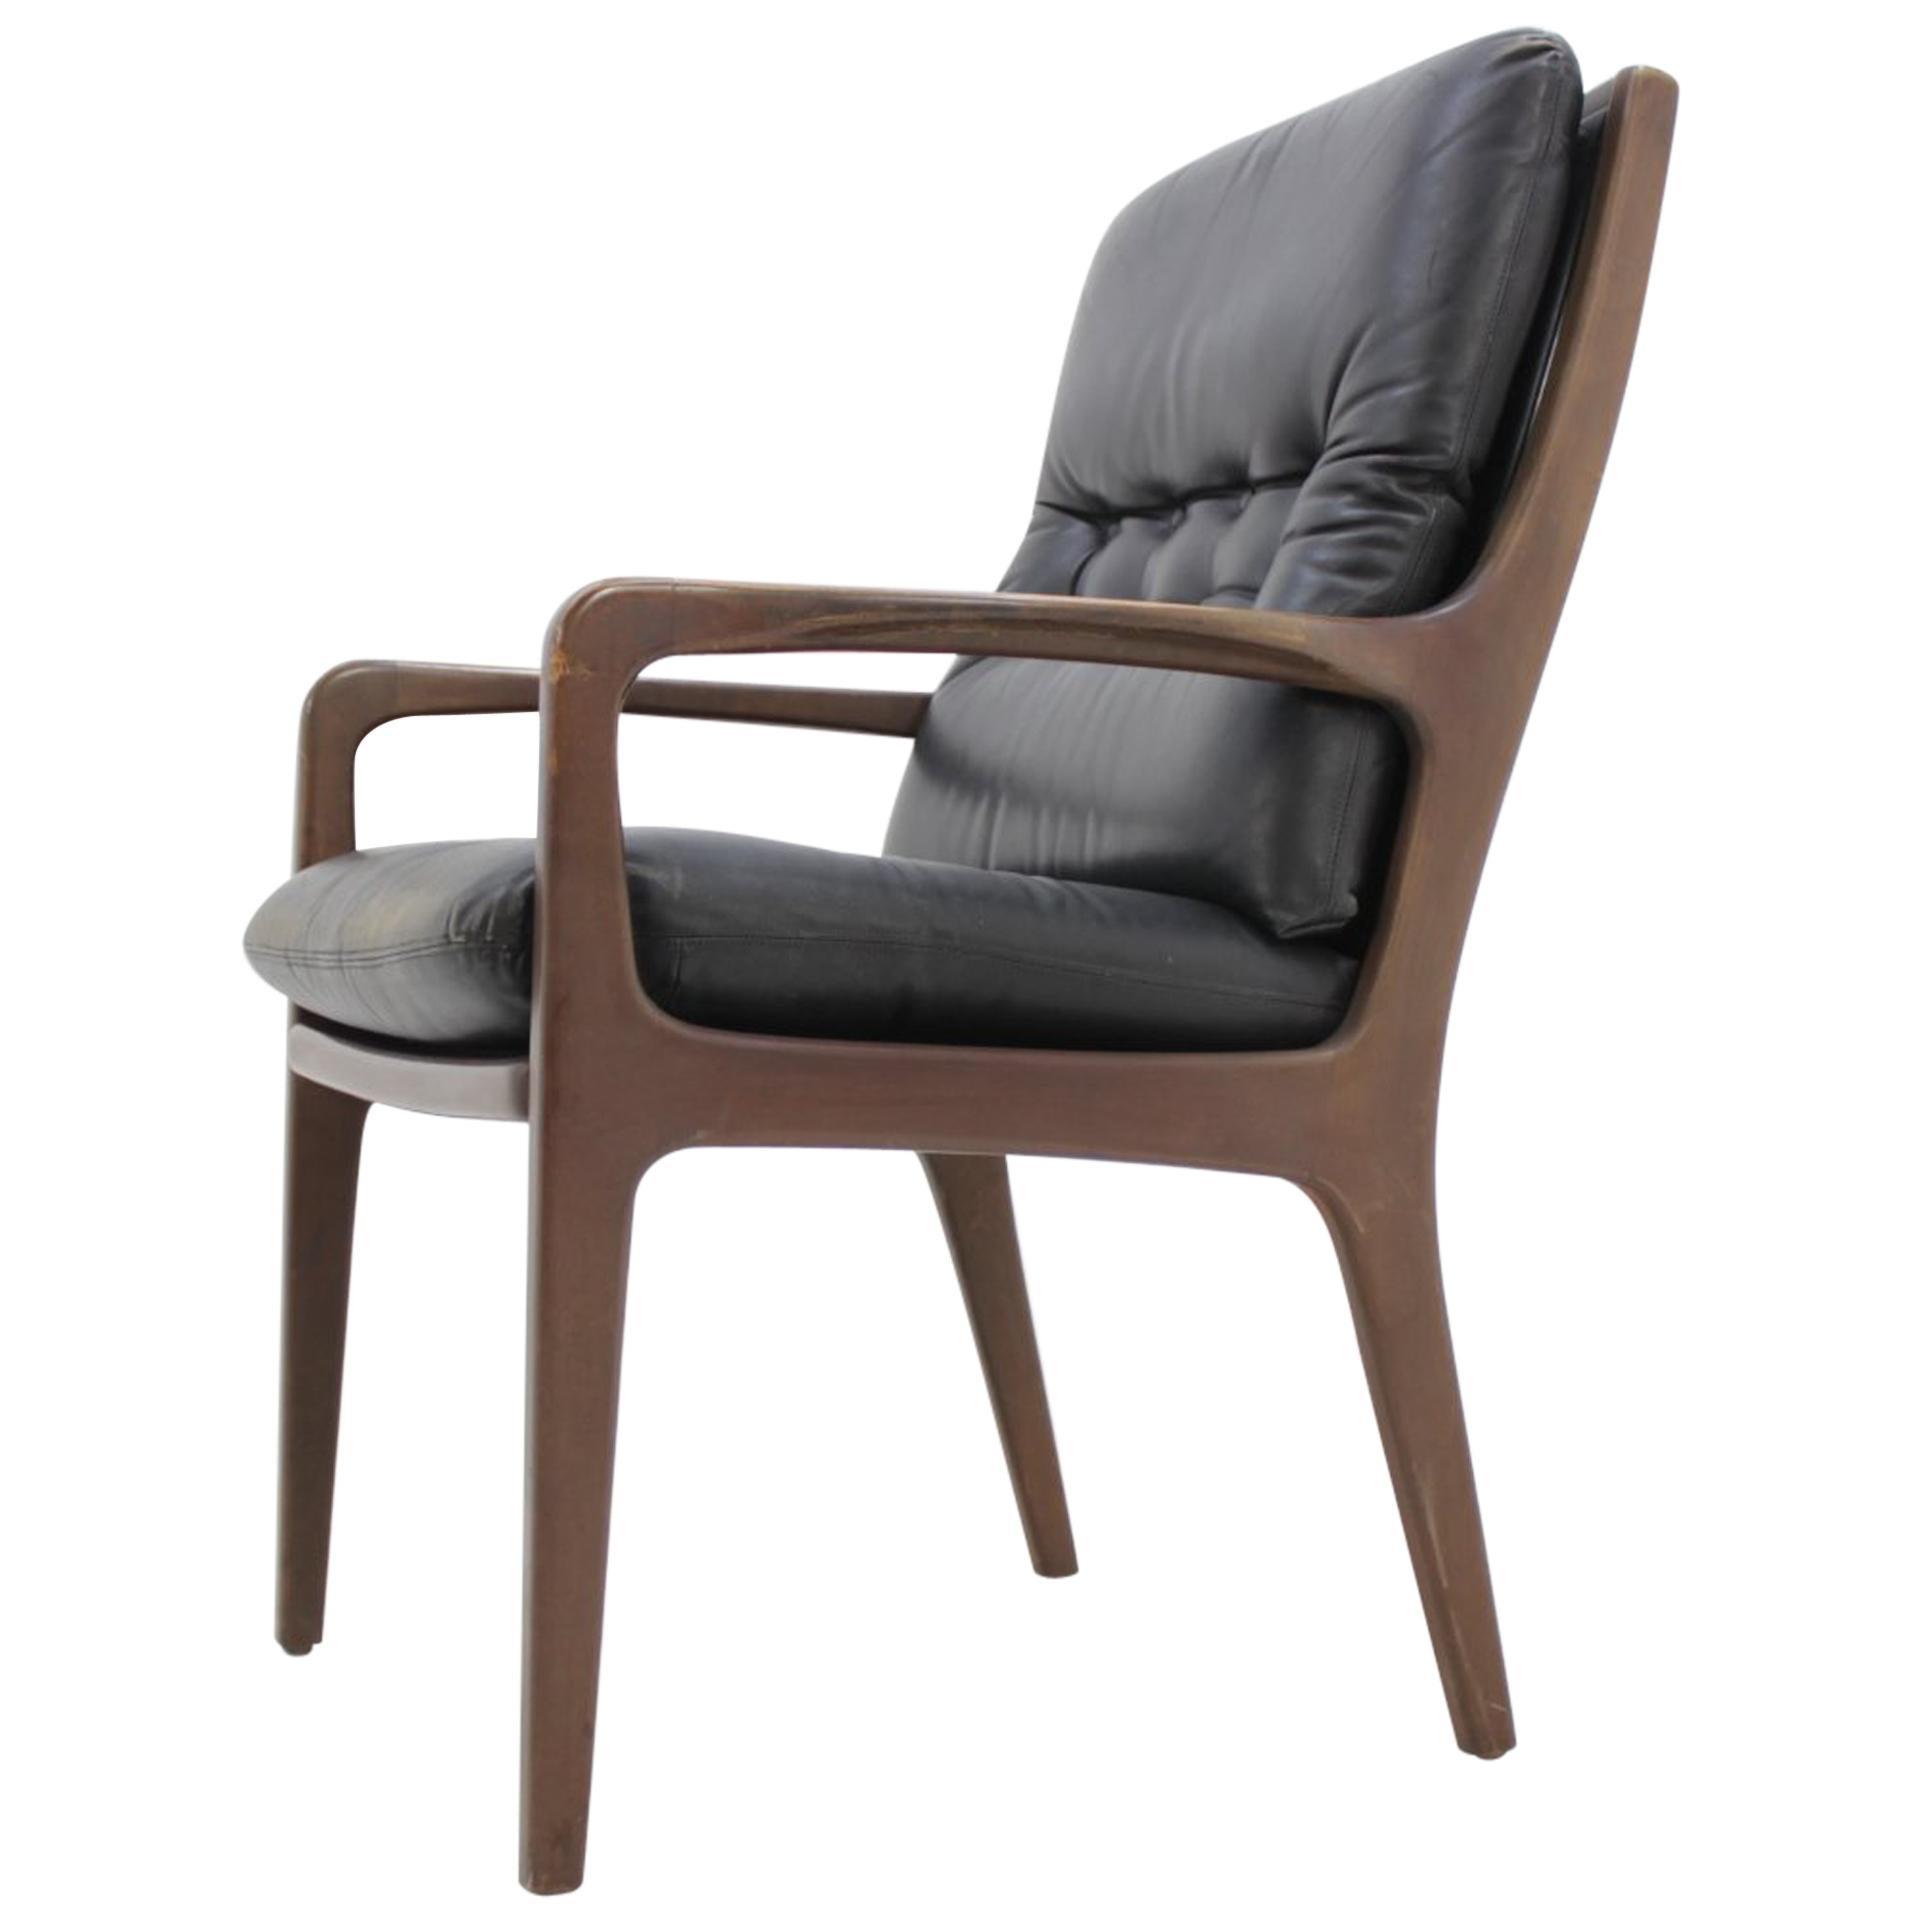 Midcentury Danish Leather Armchair, 1960s